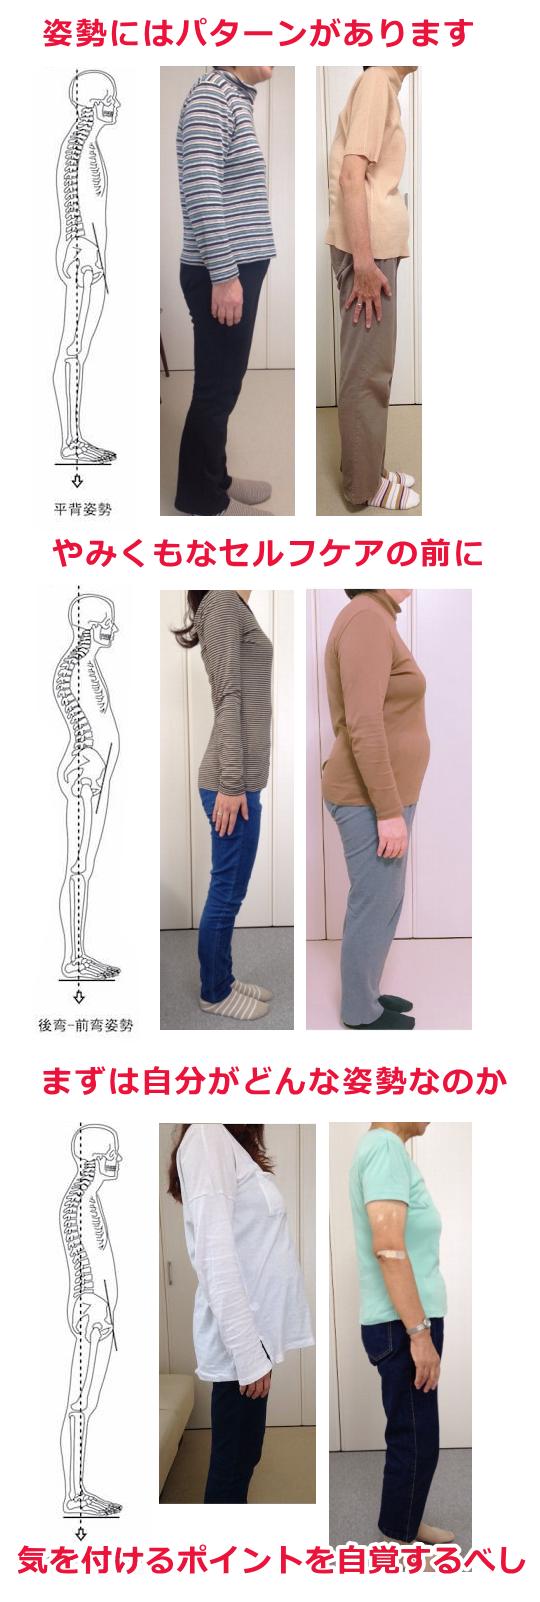 姿勢矯正/猫背パターン/猫背矯正の例